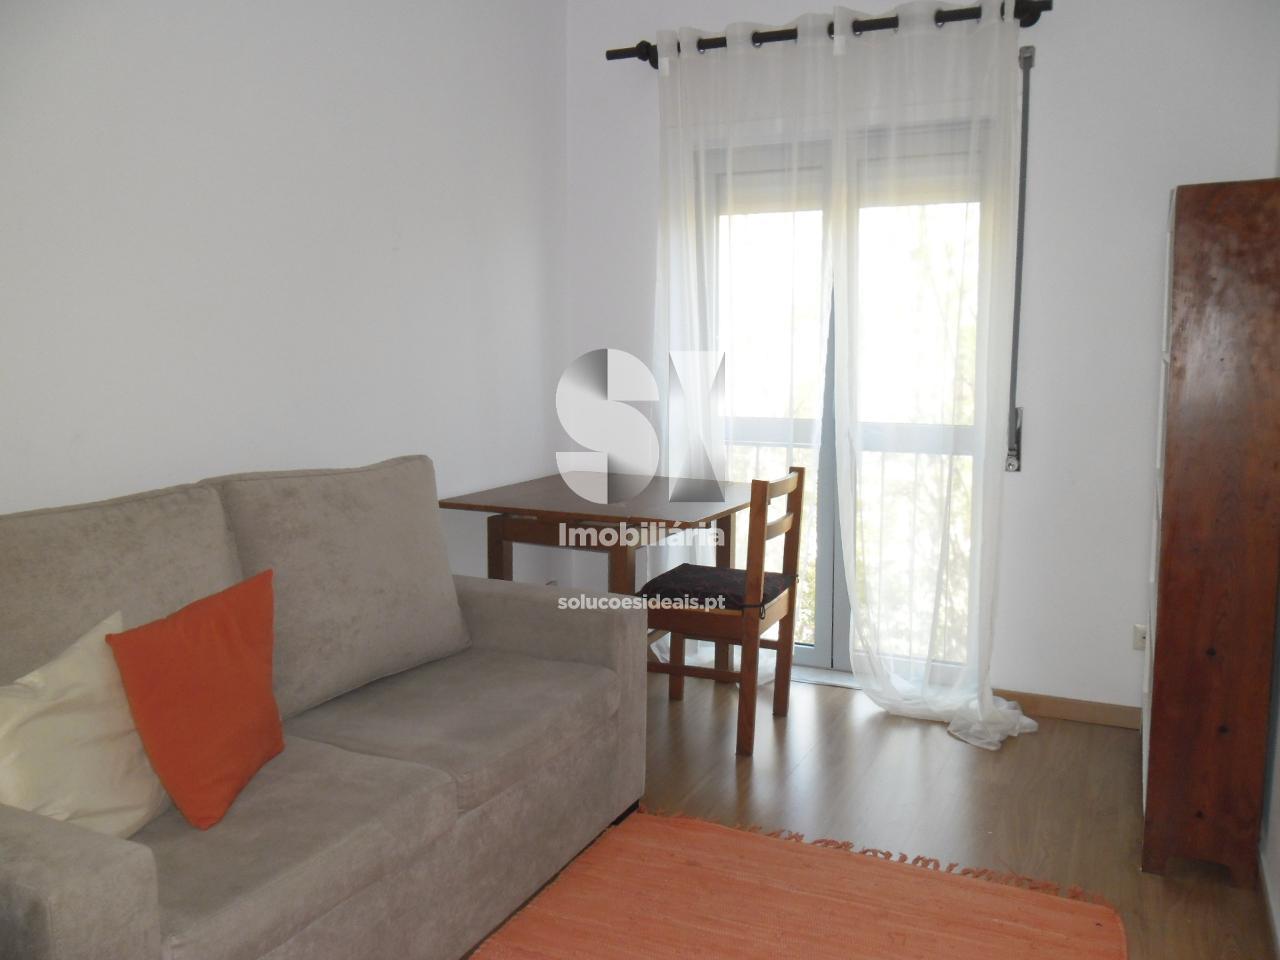 apartamento t1 para arrendamento em coimbra santo antonio dos olivais celas CELGD2688